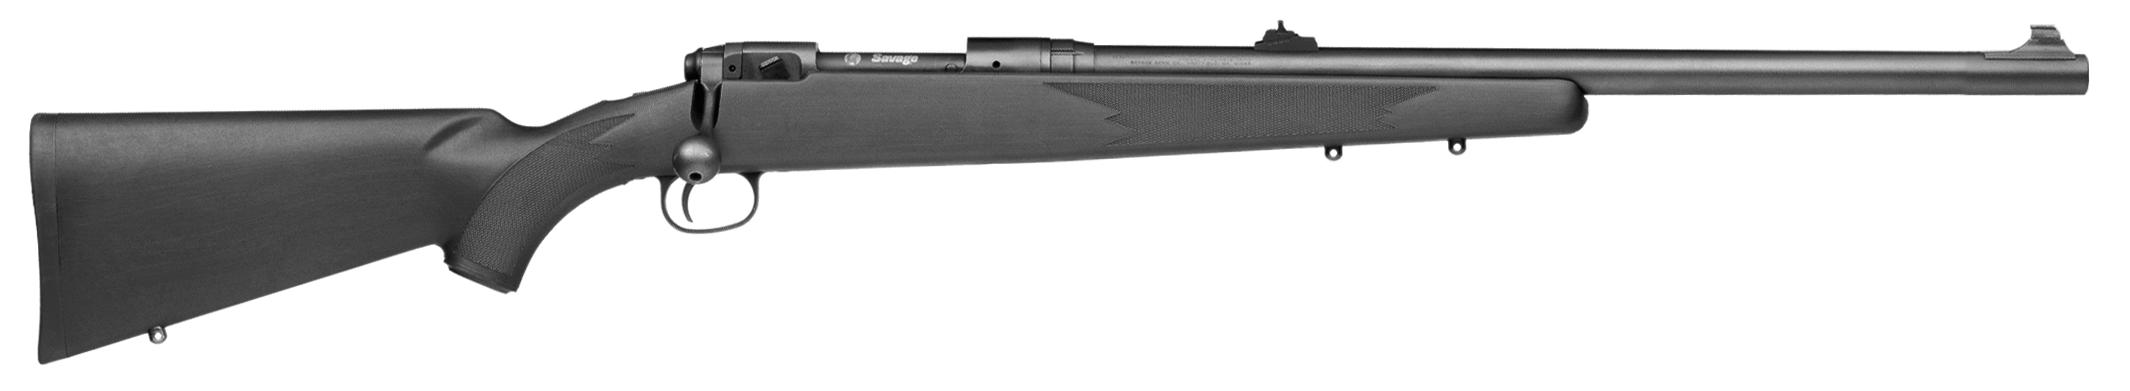 Model 110-FP Duty